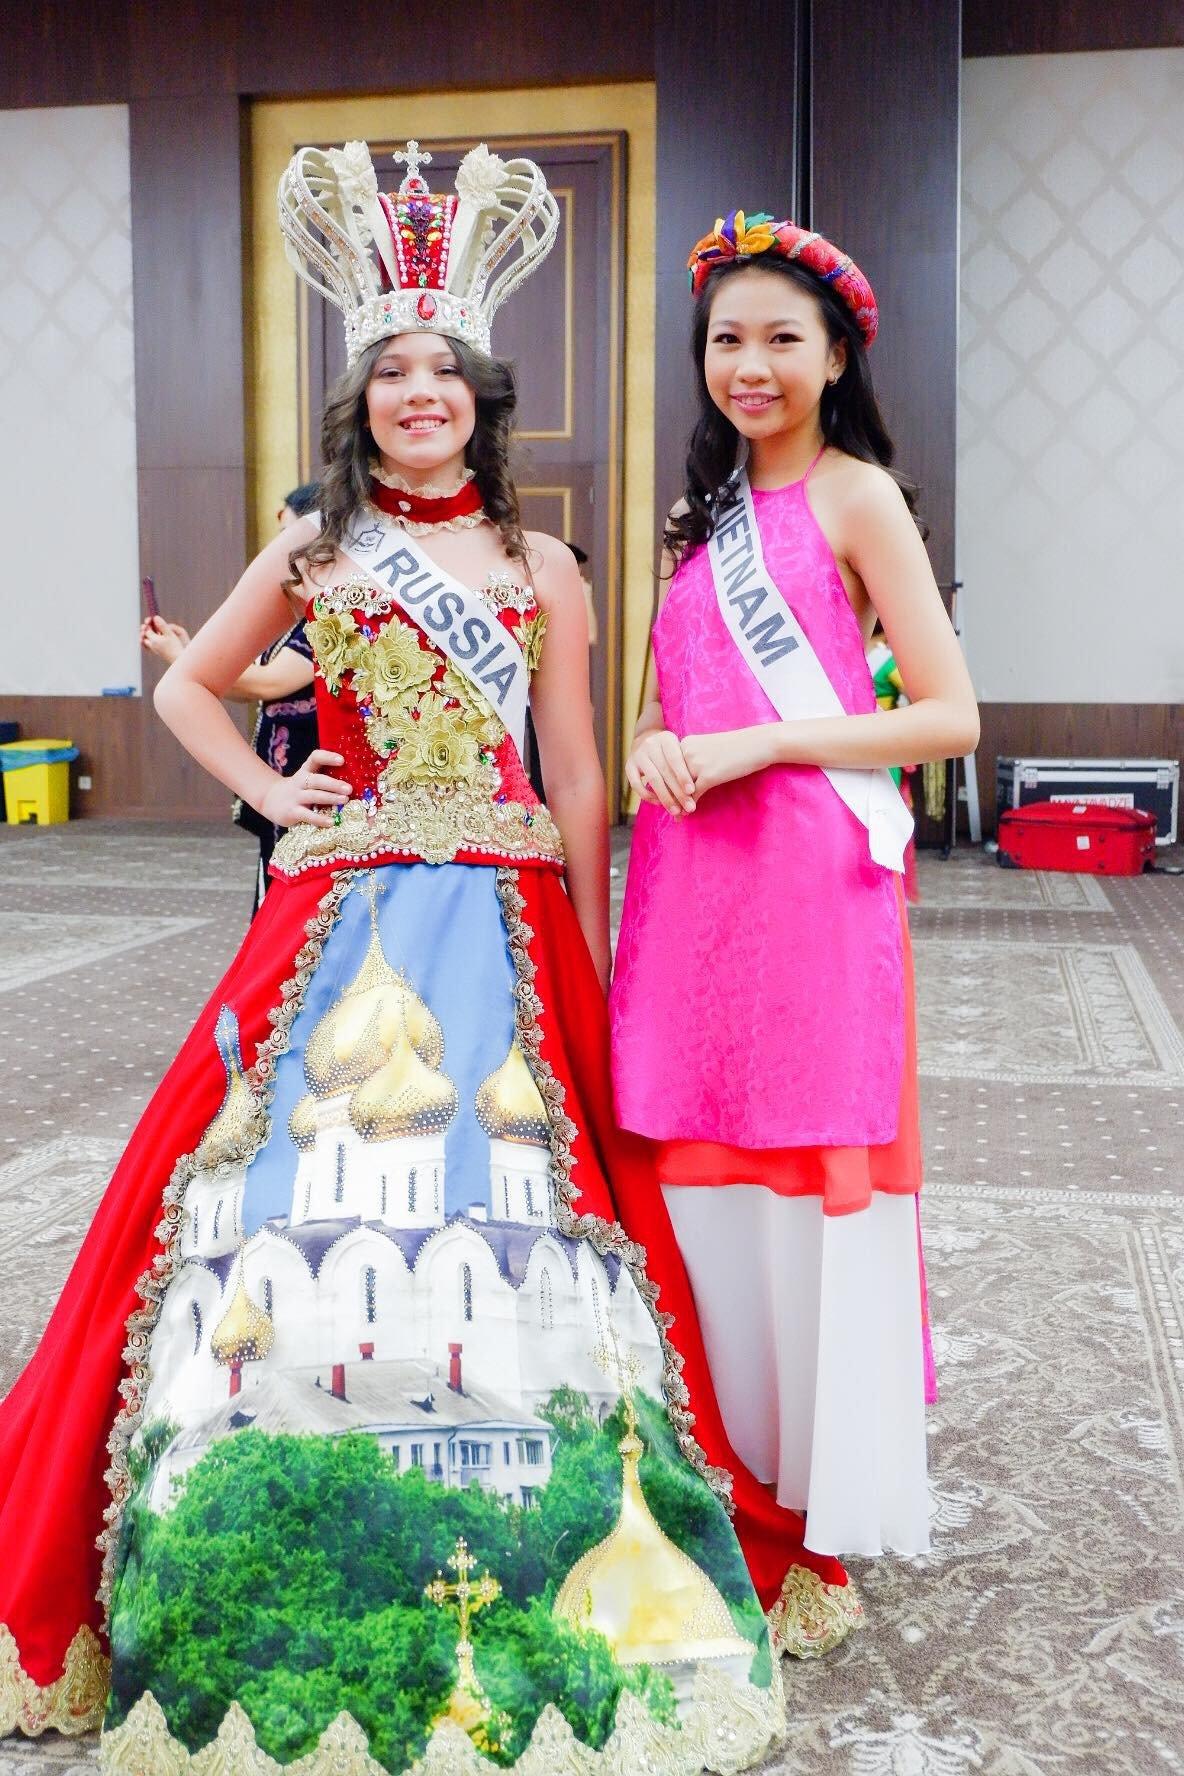 Mới 13 tuổi mà đã cao 1m72, cô bé Việt giành ngay ngôi vị Hoa hậu Hoàn vũ nhí 2018 - Ảnh 7.